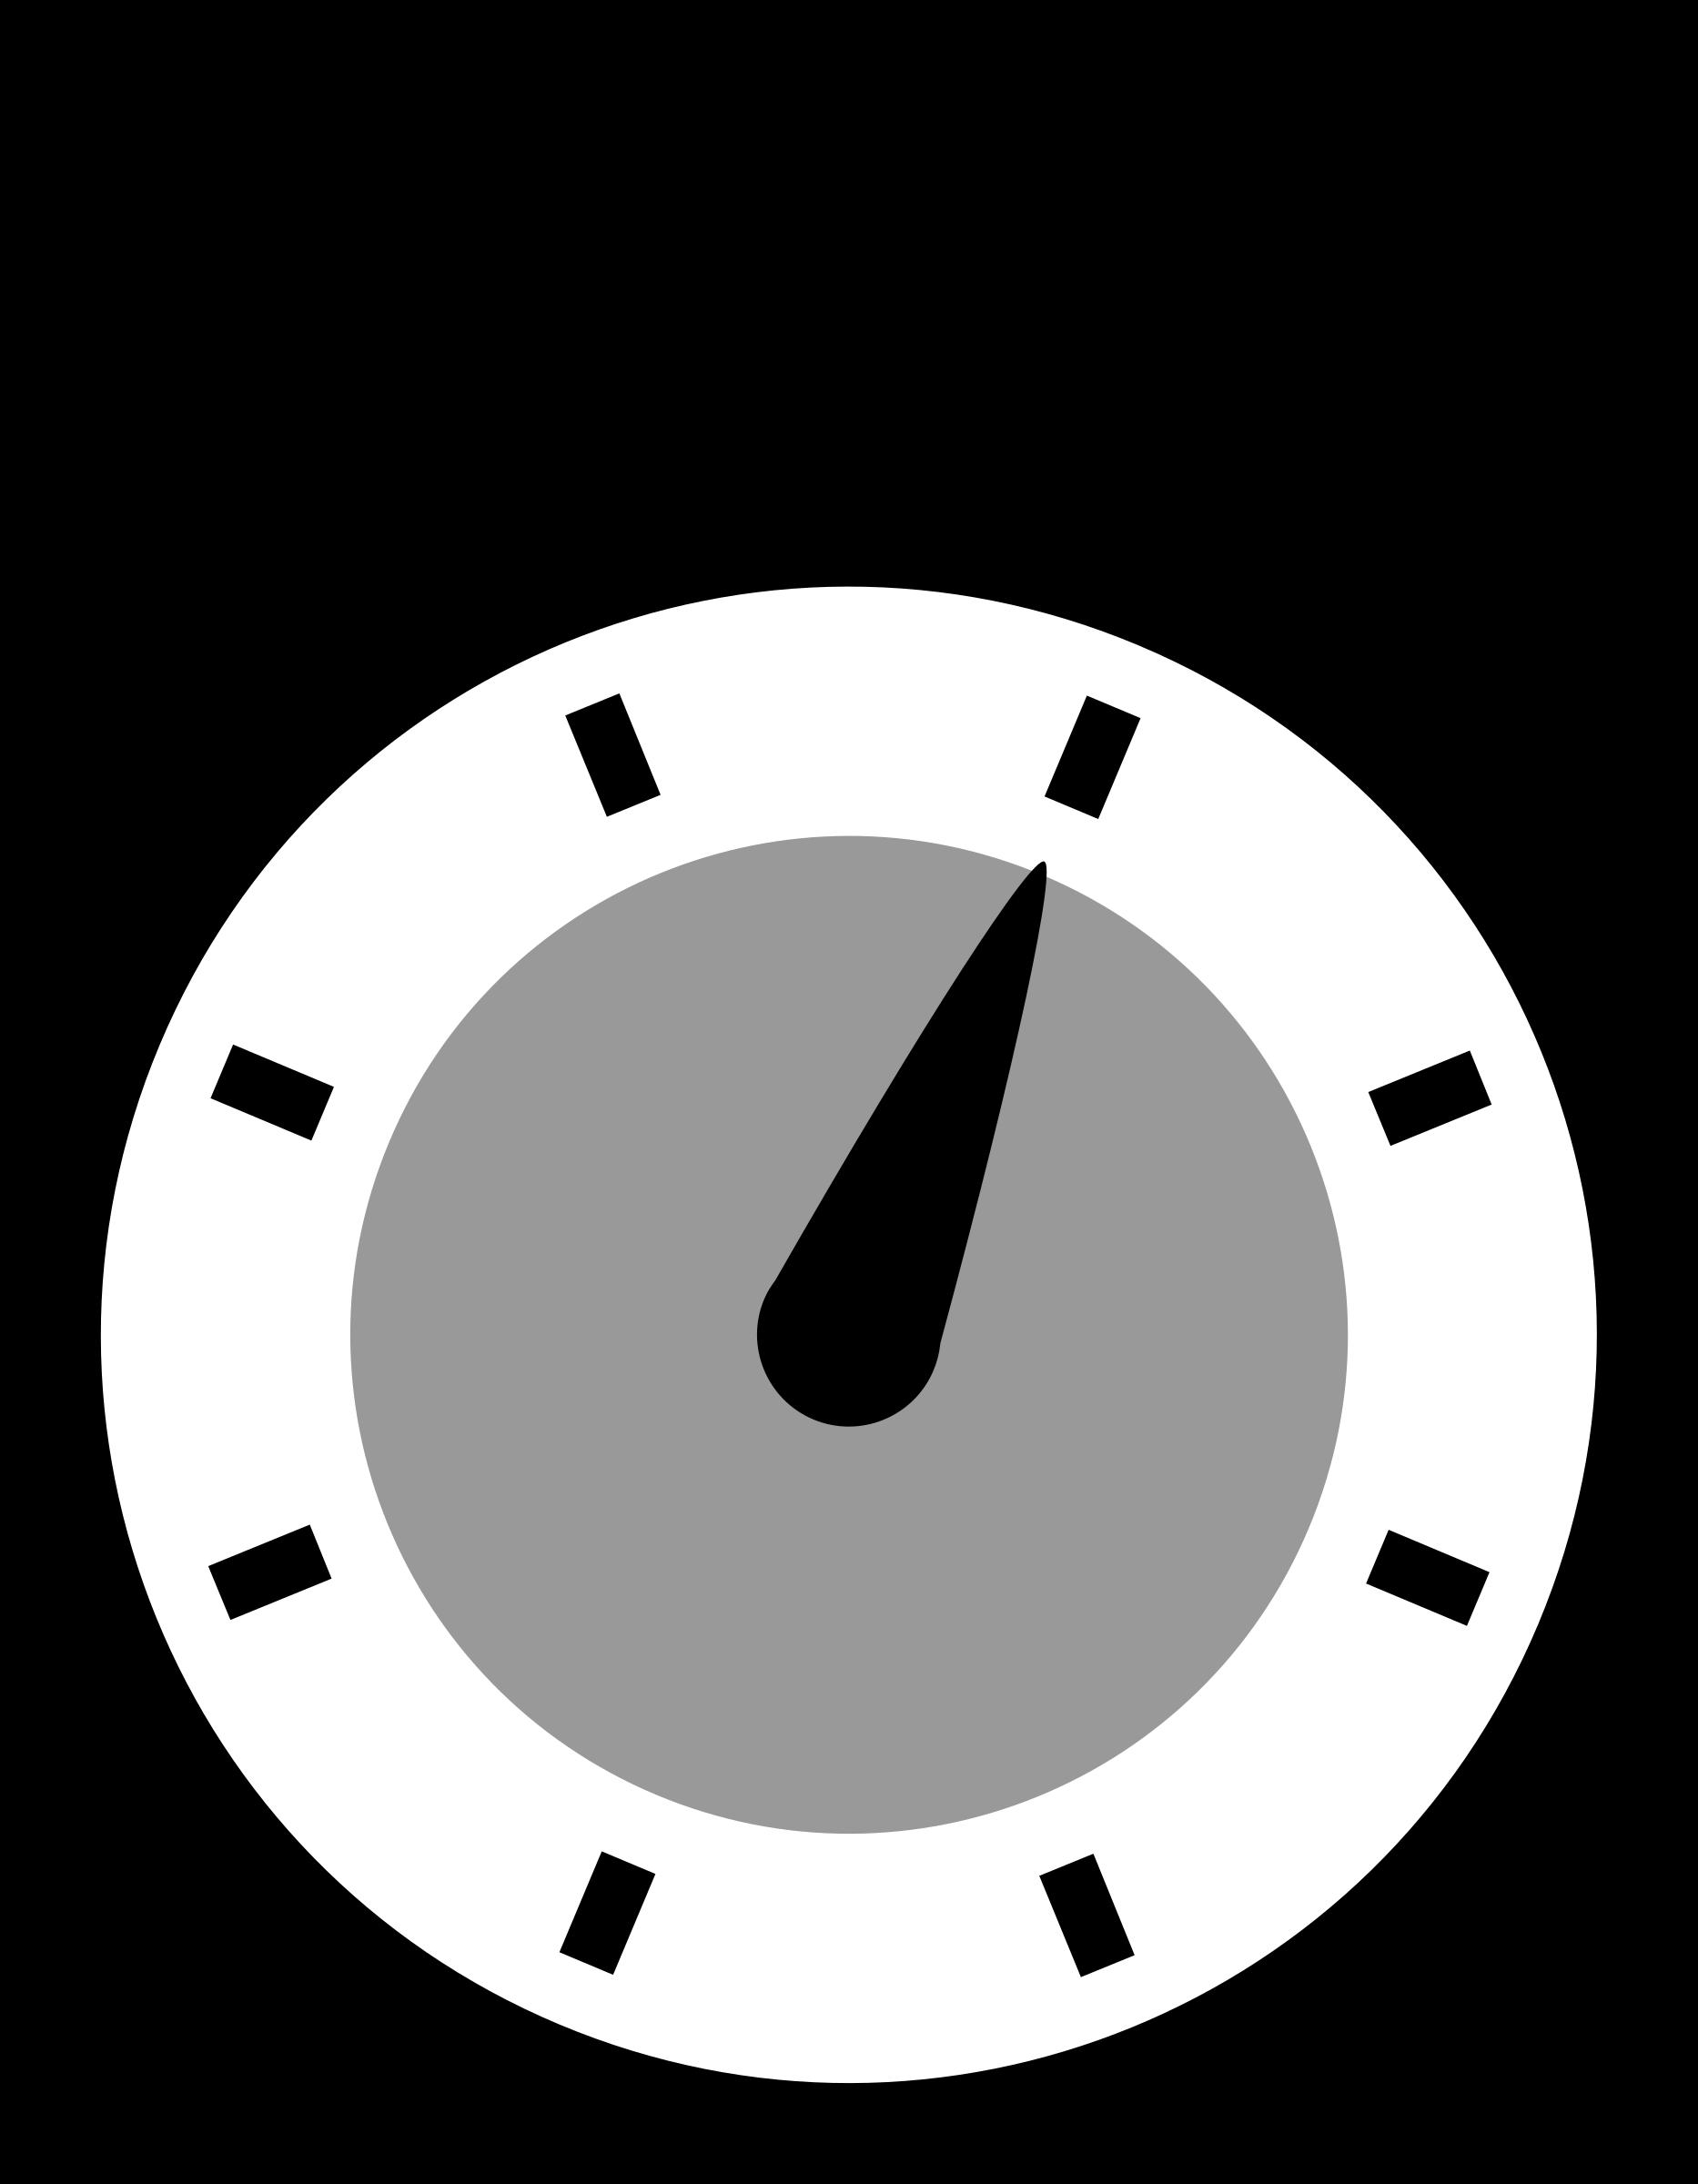 Clock big image png. Clocks clipart alarm